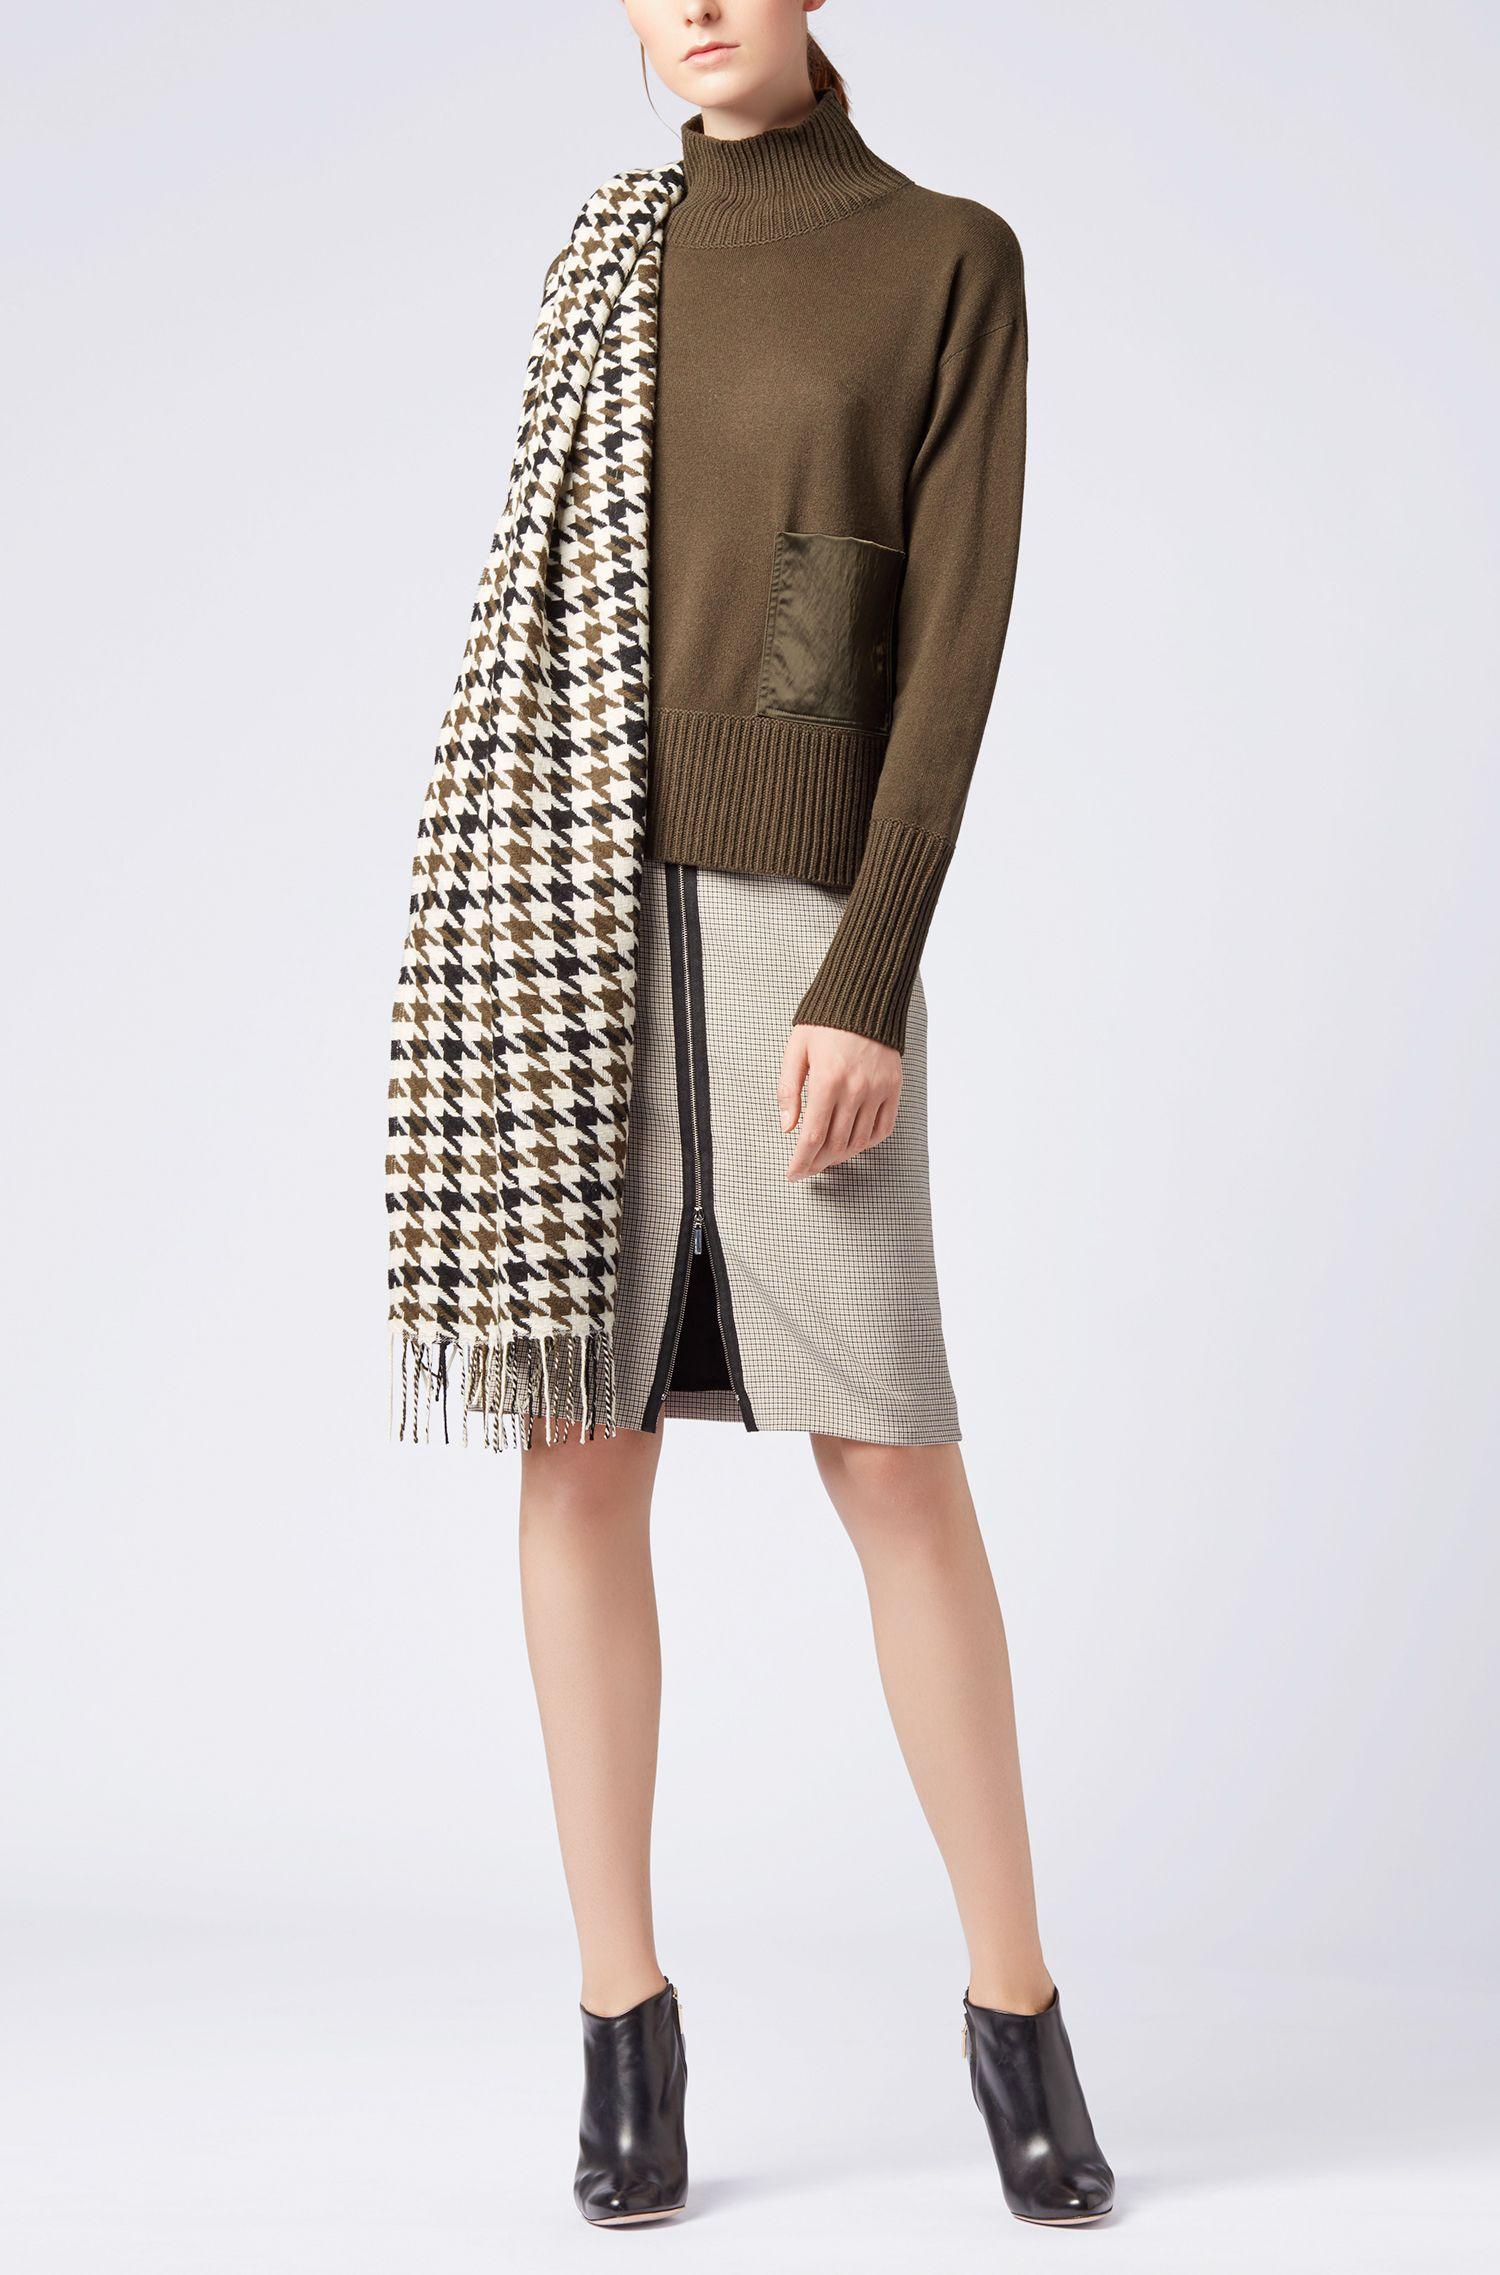 Écharpe tricolore en laine vierge au motif pied-de-poule, Fantaisie